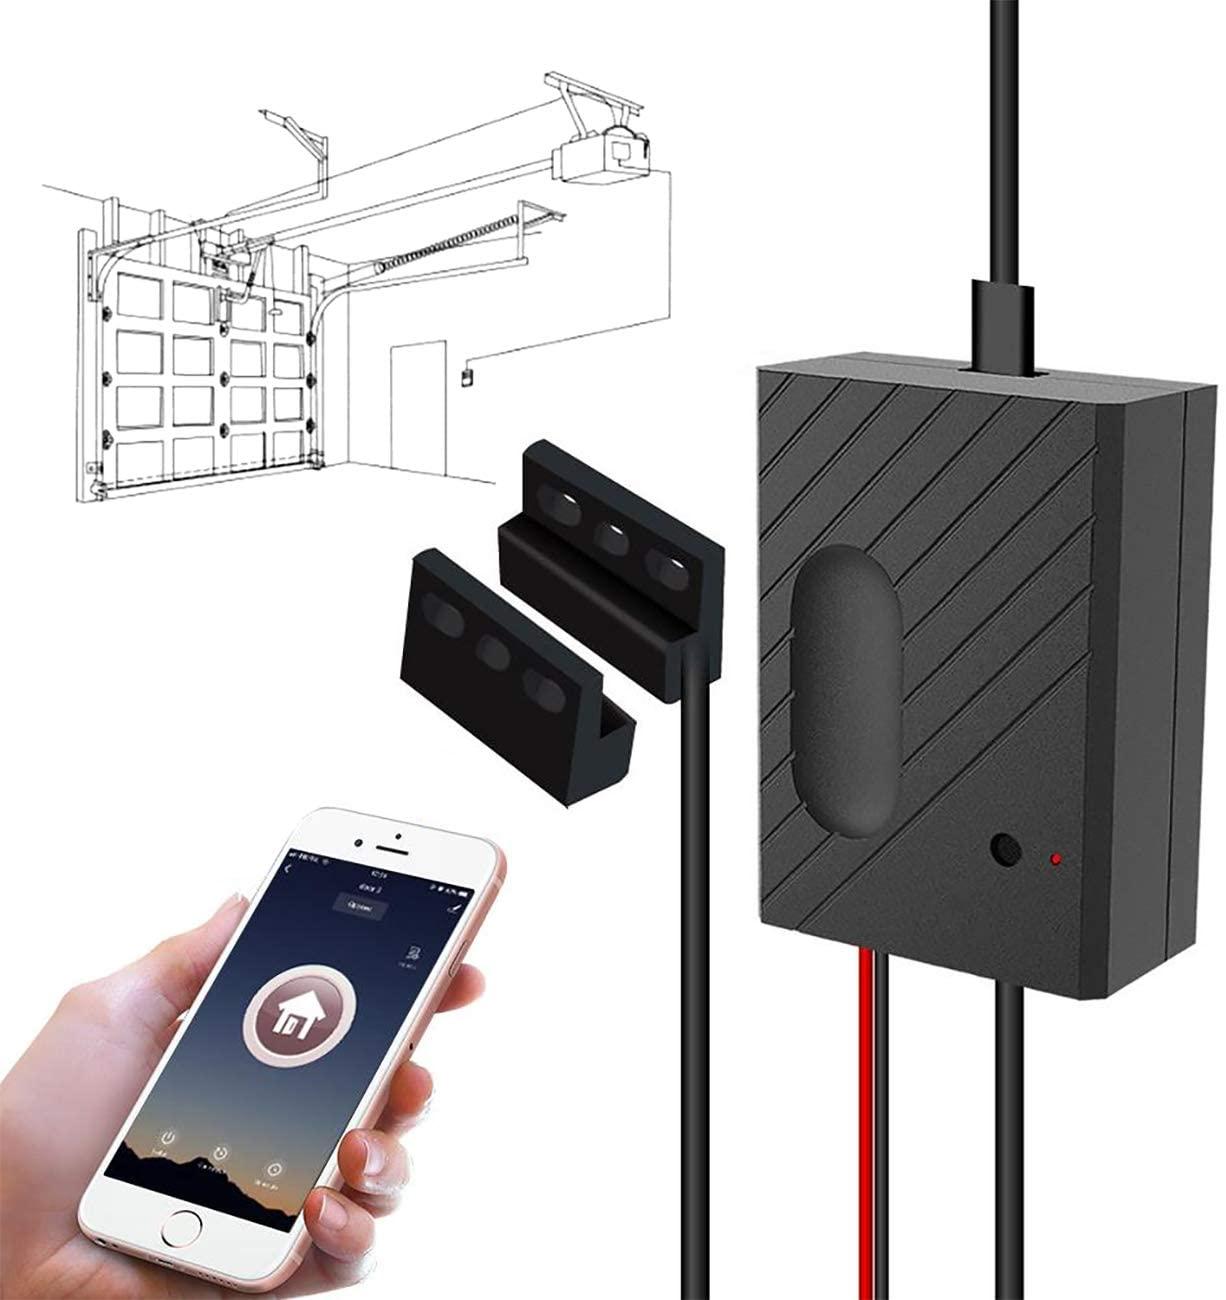 How To Buy A Smart Garage Door Openener Remote